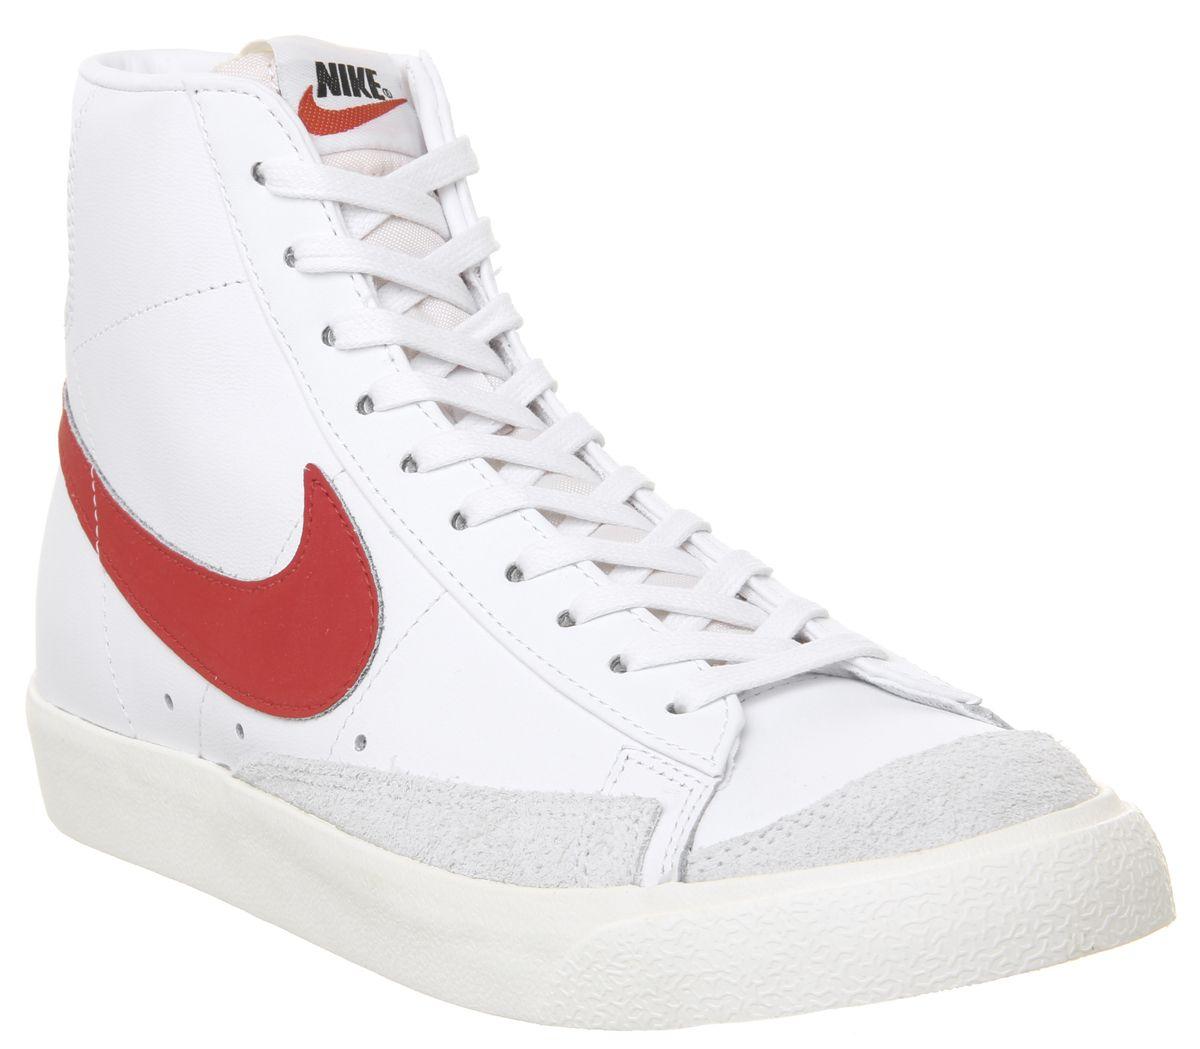 save off c4e4e 5e037 Nike, Blazer Mid  77 Trainers, Habenero Red Sail White